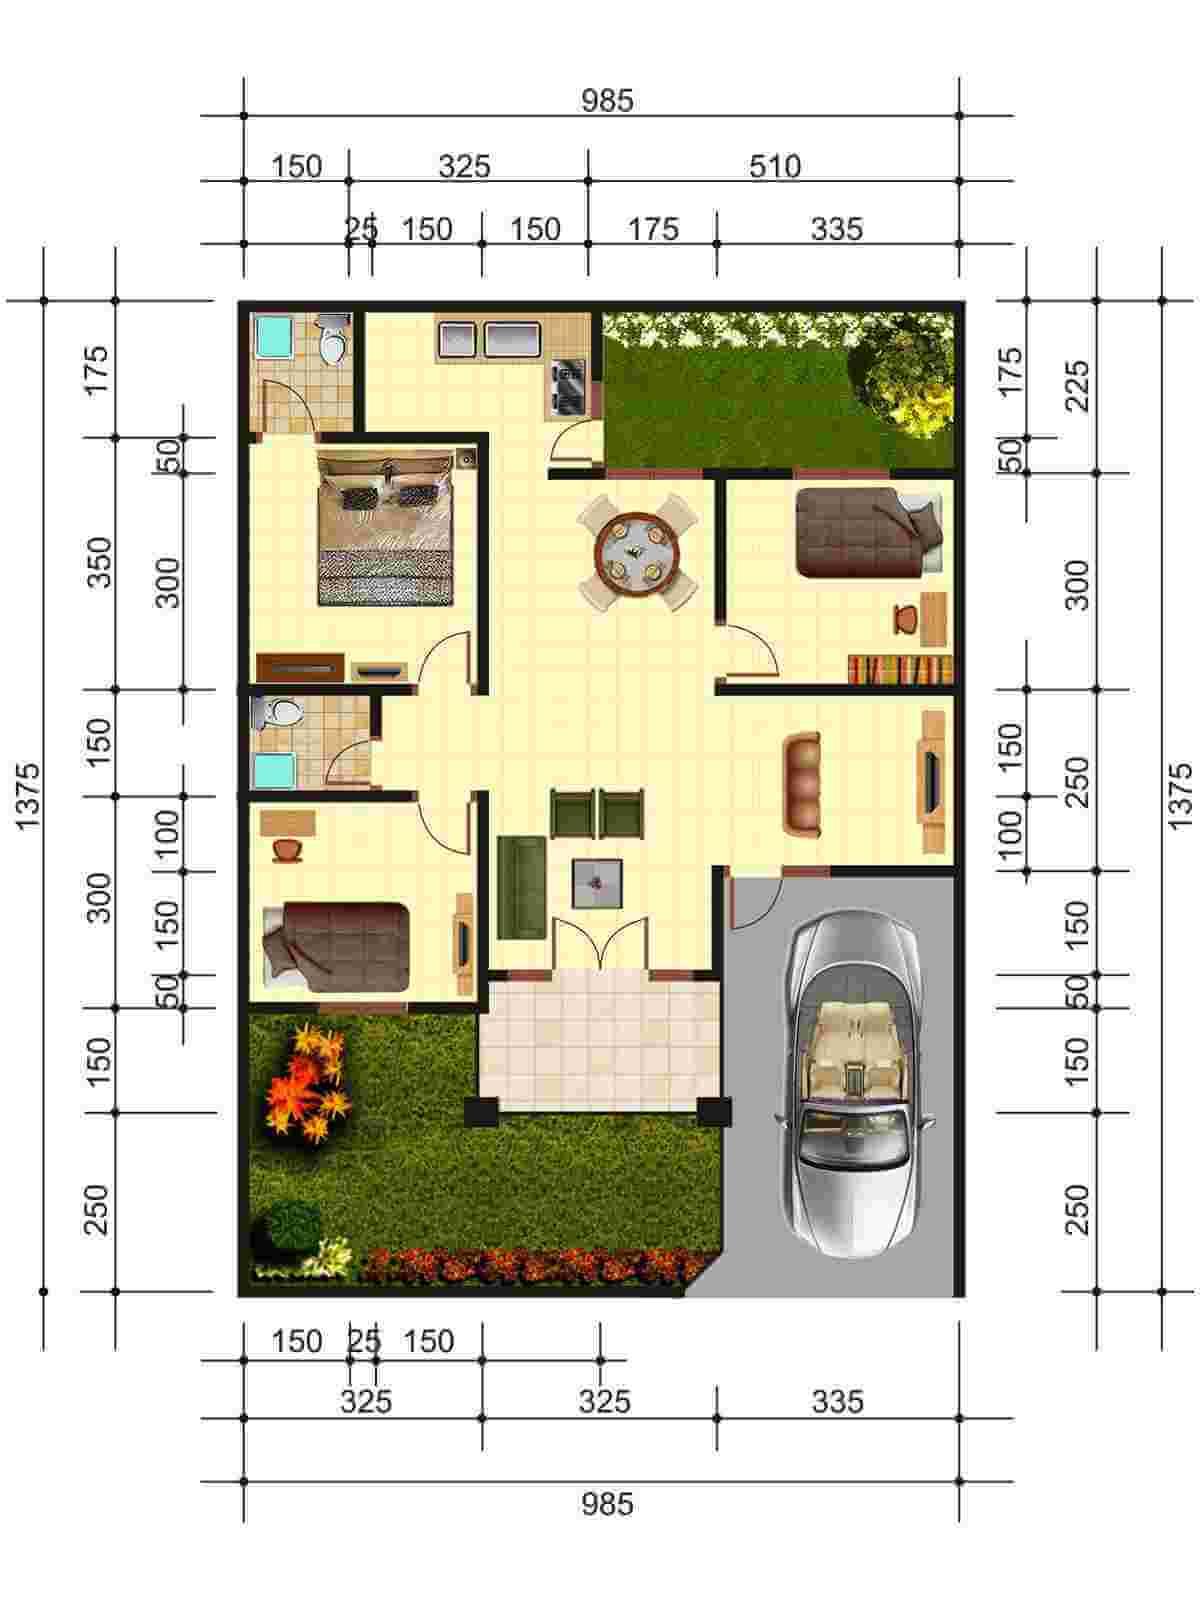 Contoh Desain Rumah Memanjang Ke Belakang dengan Detail Ukuran Rumah yang Jelas dan Rinci